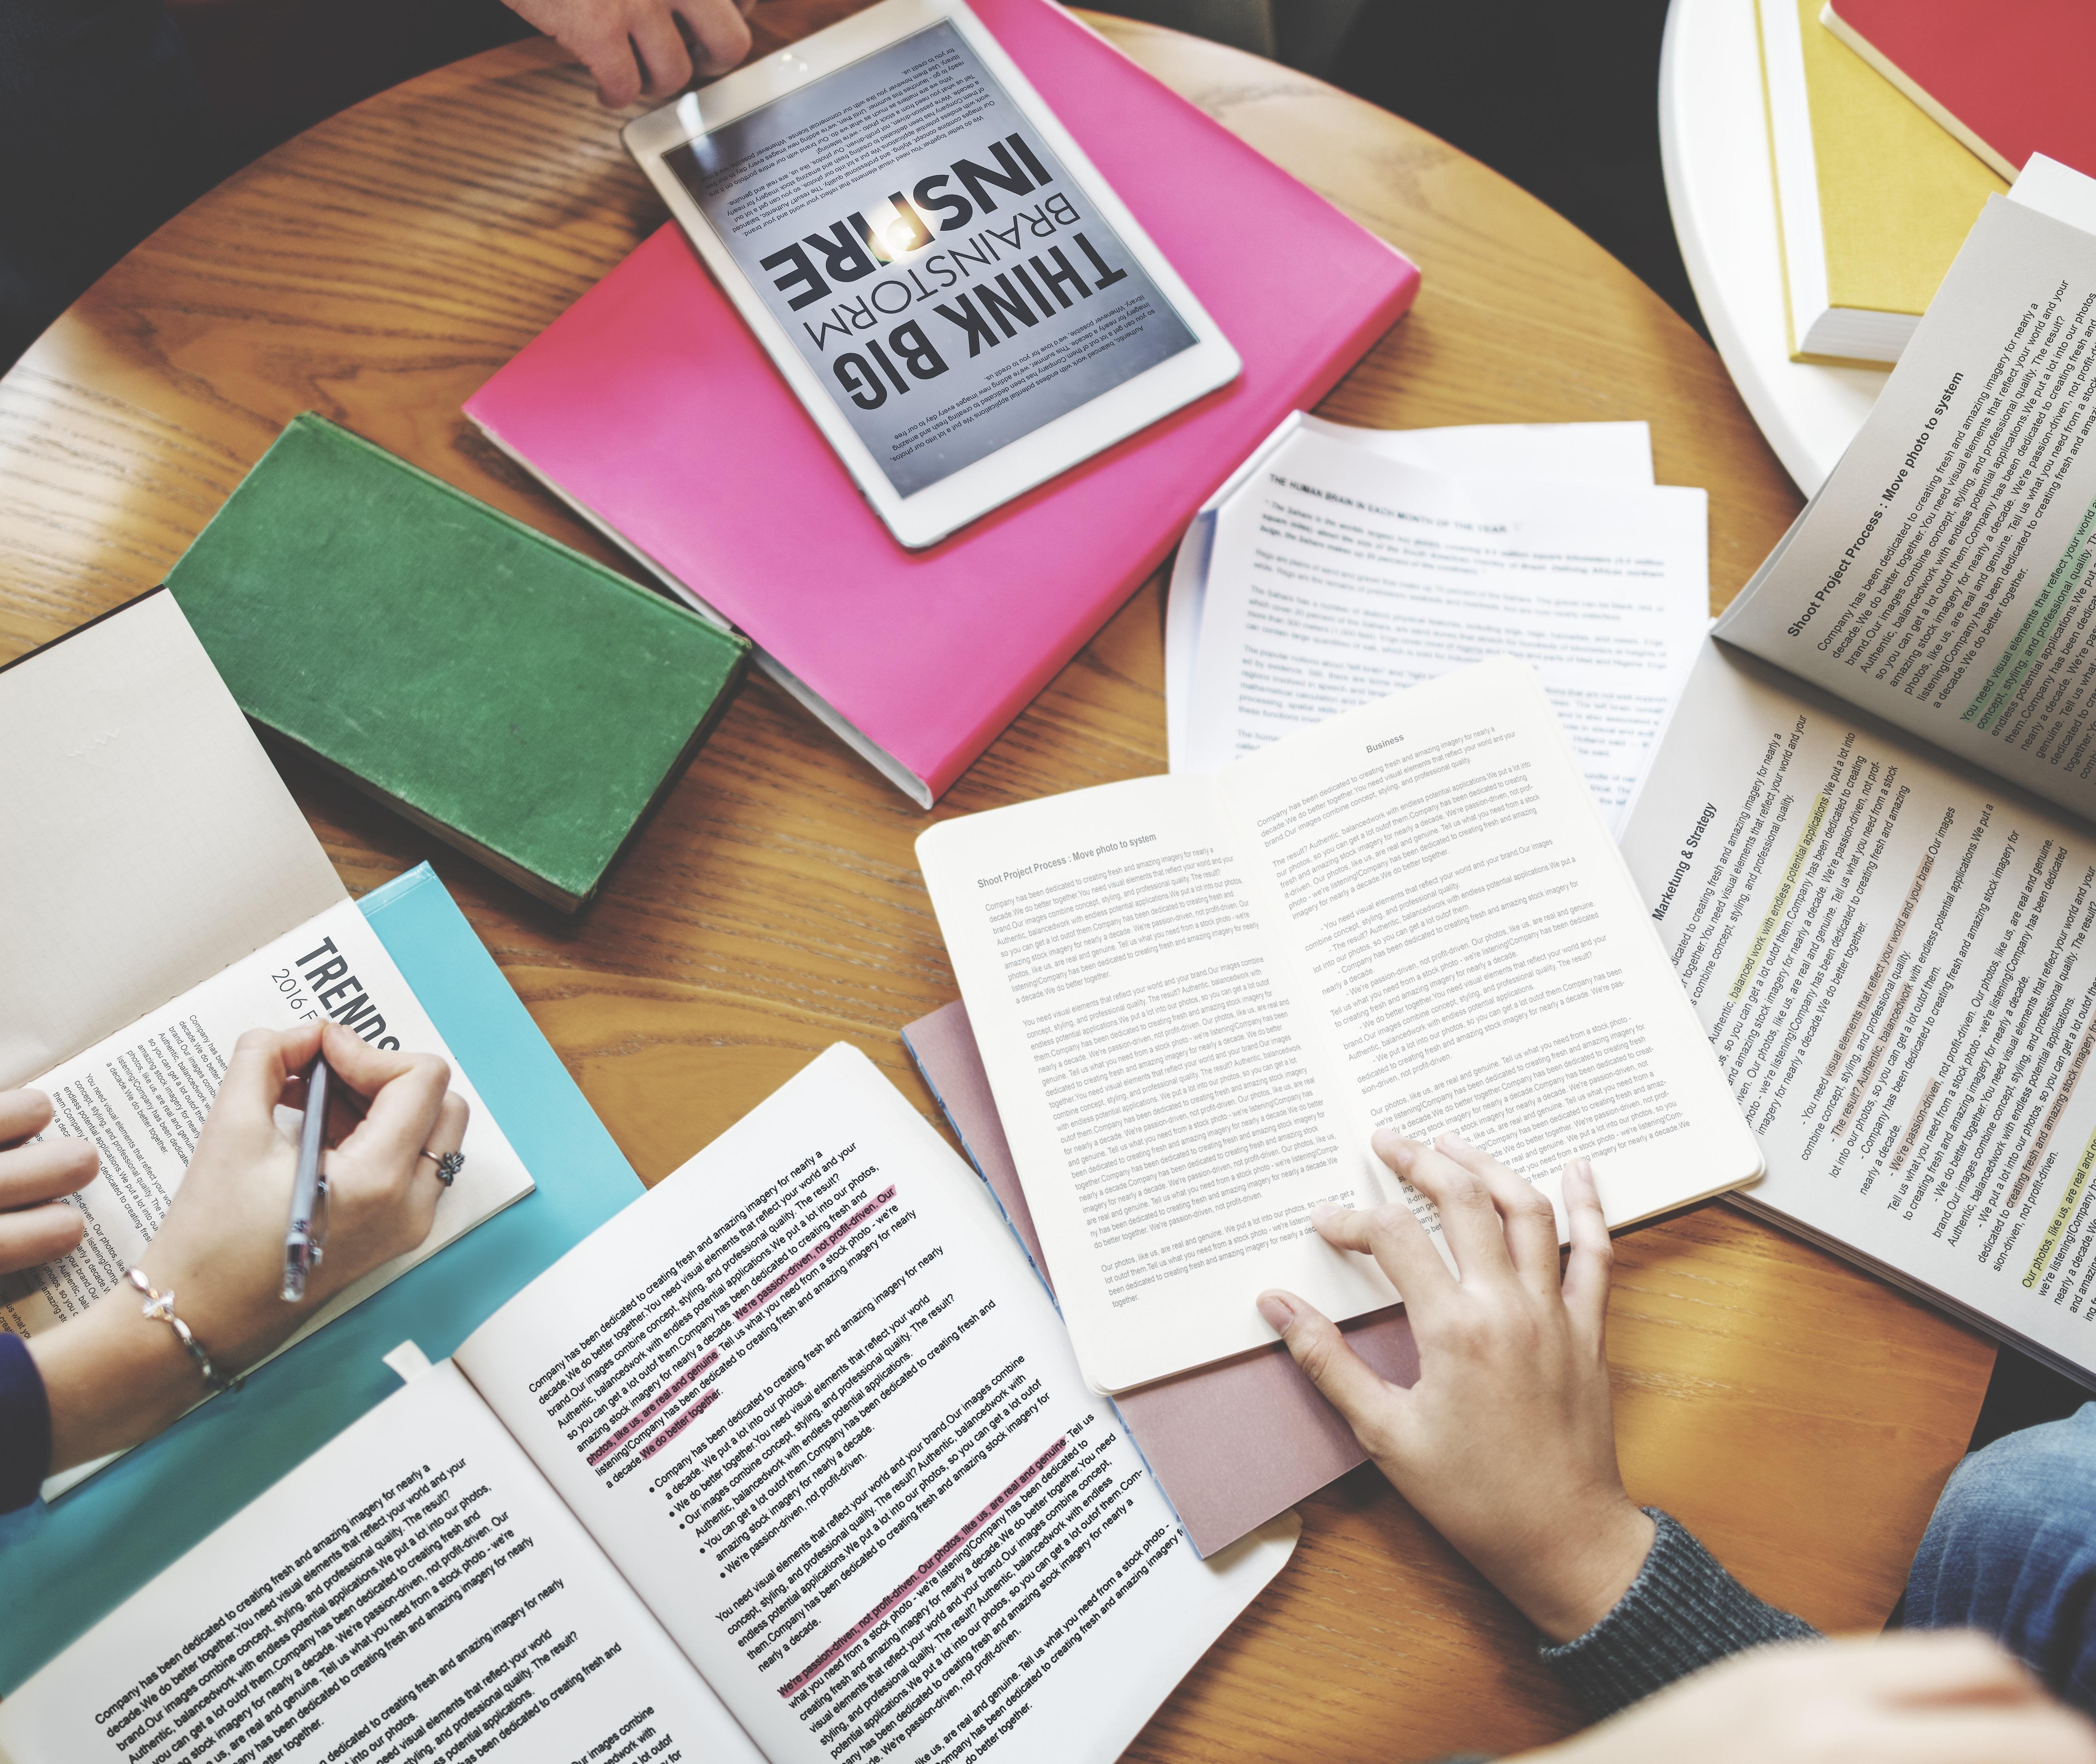 Cinco diplomados y 11 cursos cortos: la nueva oferta del CEPyG